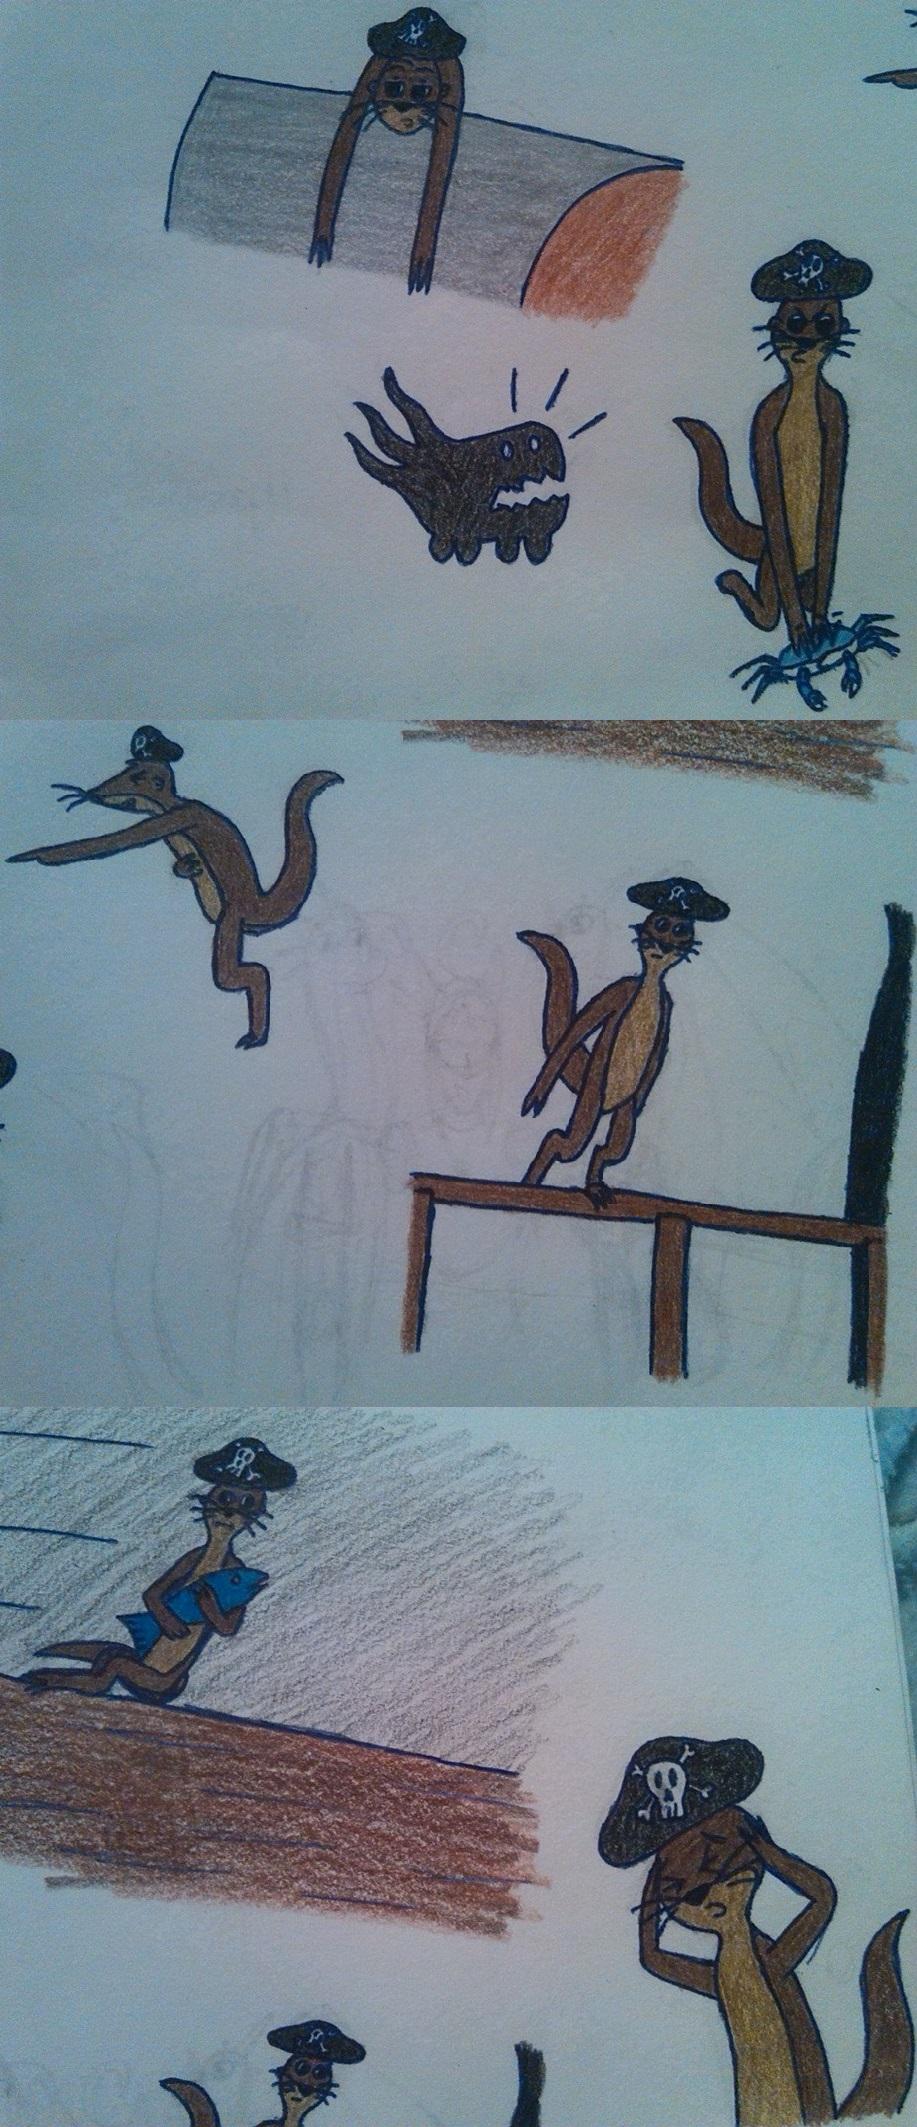 otto_sketches_by_dragonmage156-da8tava.j